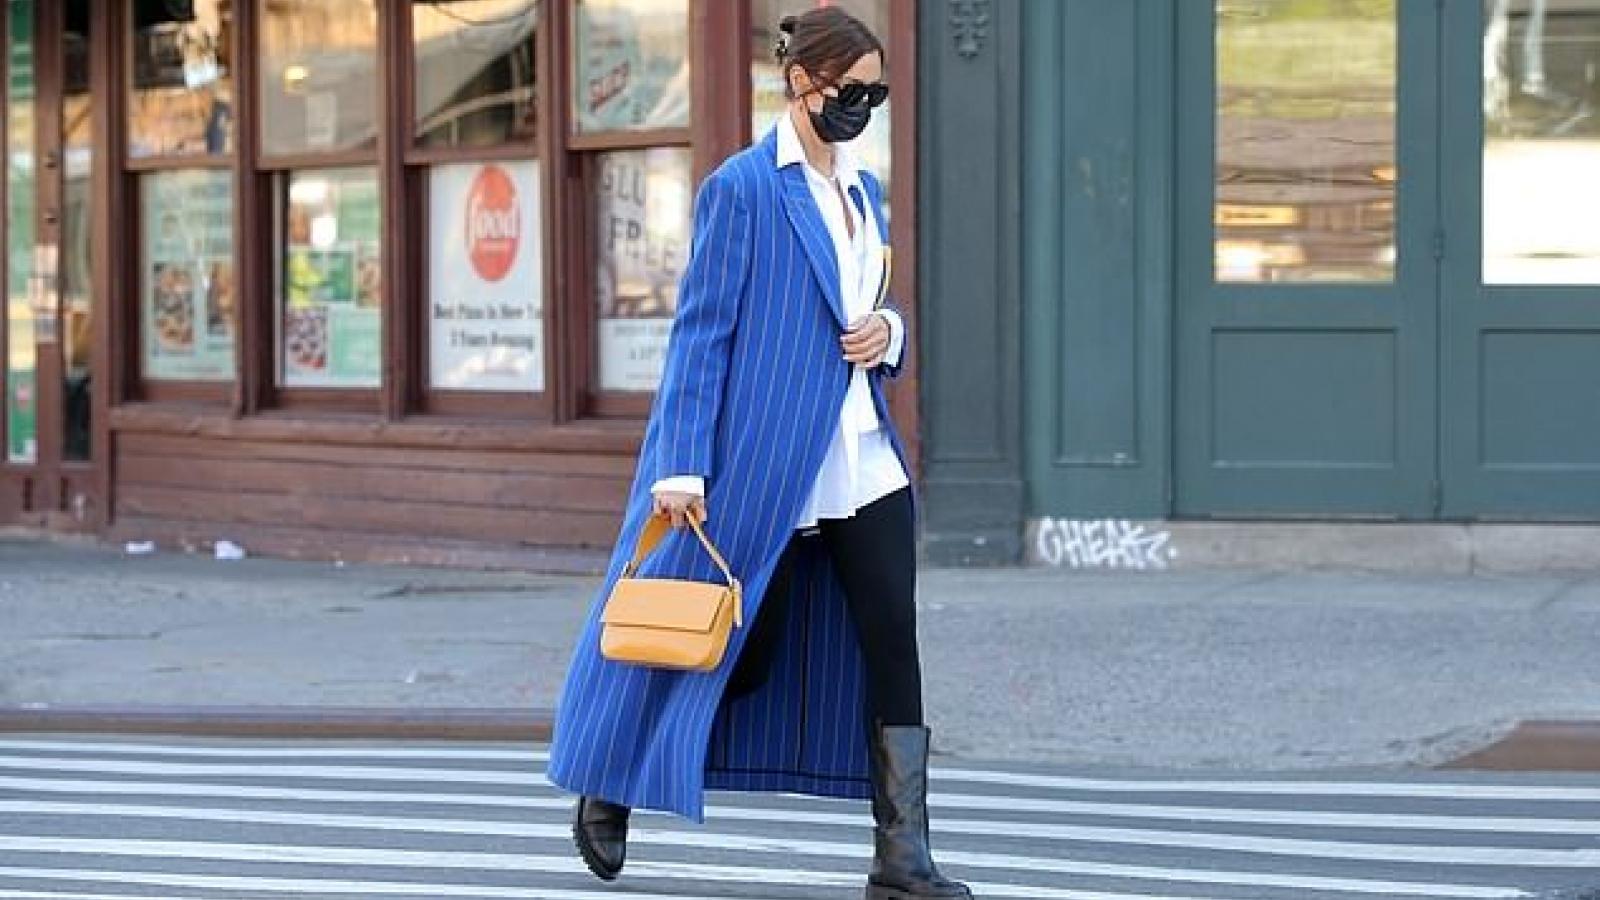 Siêu mẫu Irina Shayk tái xuất nổi bật trên đường phố New York